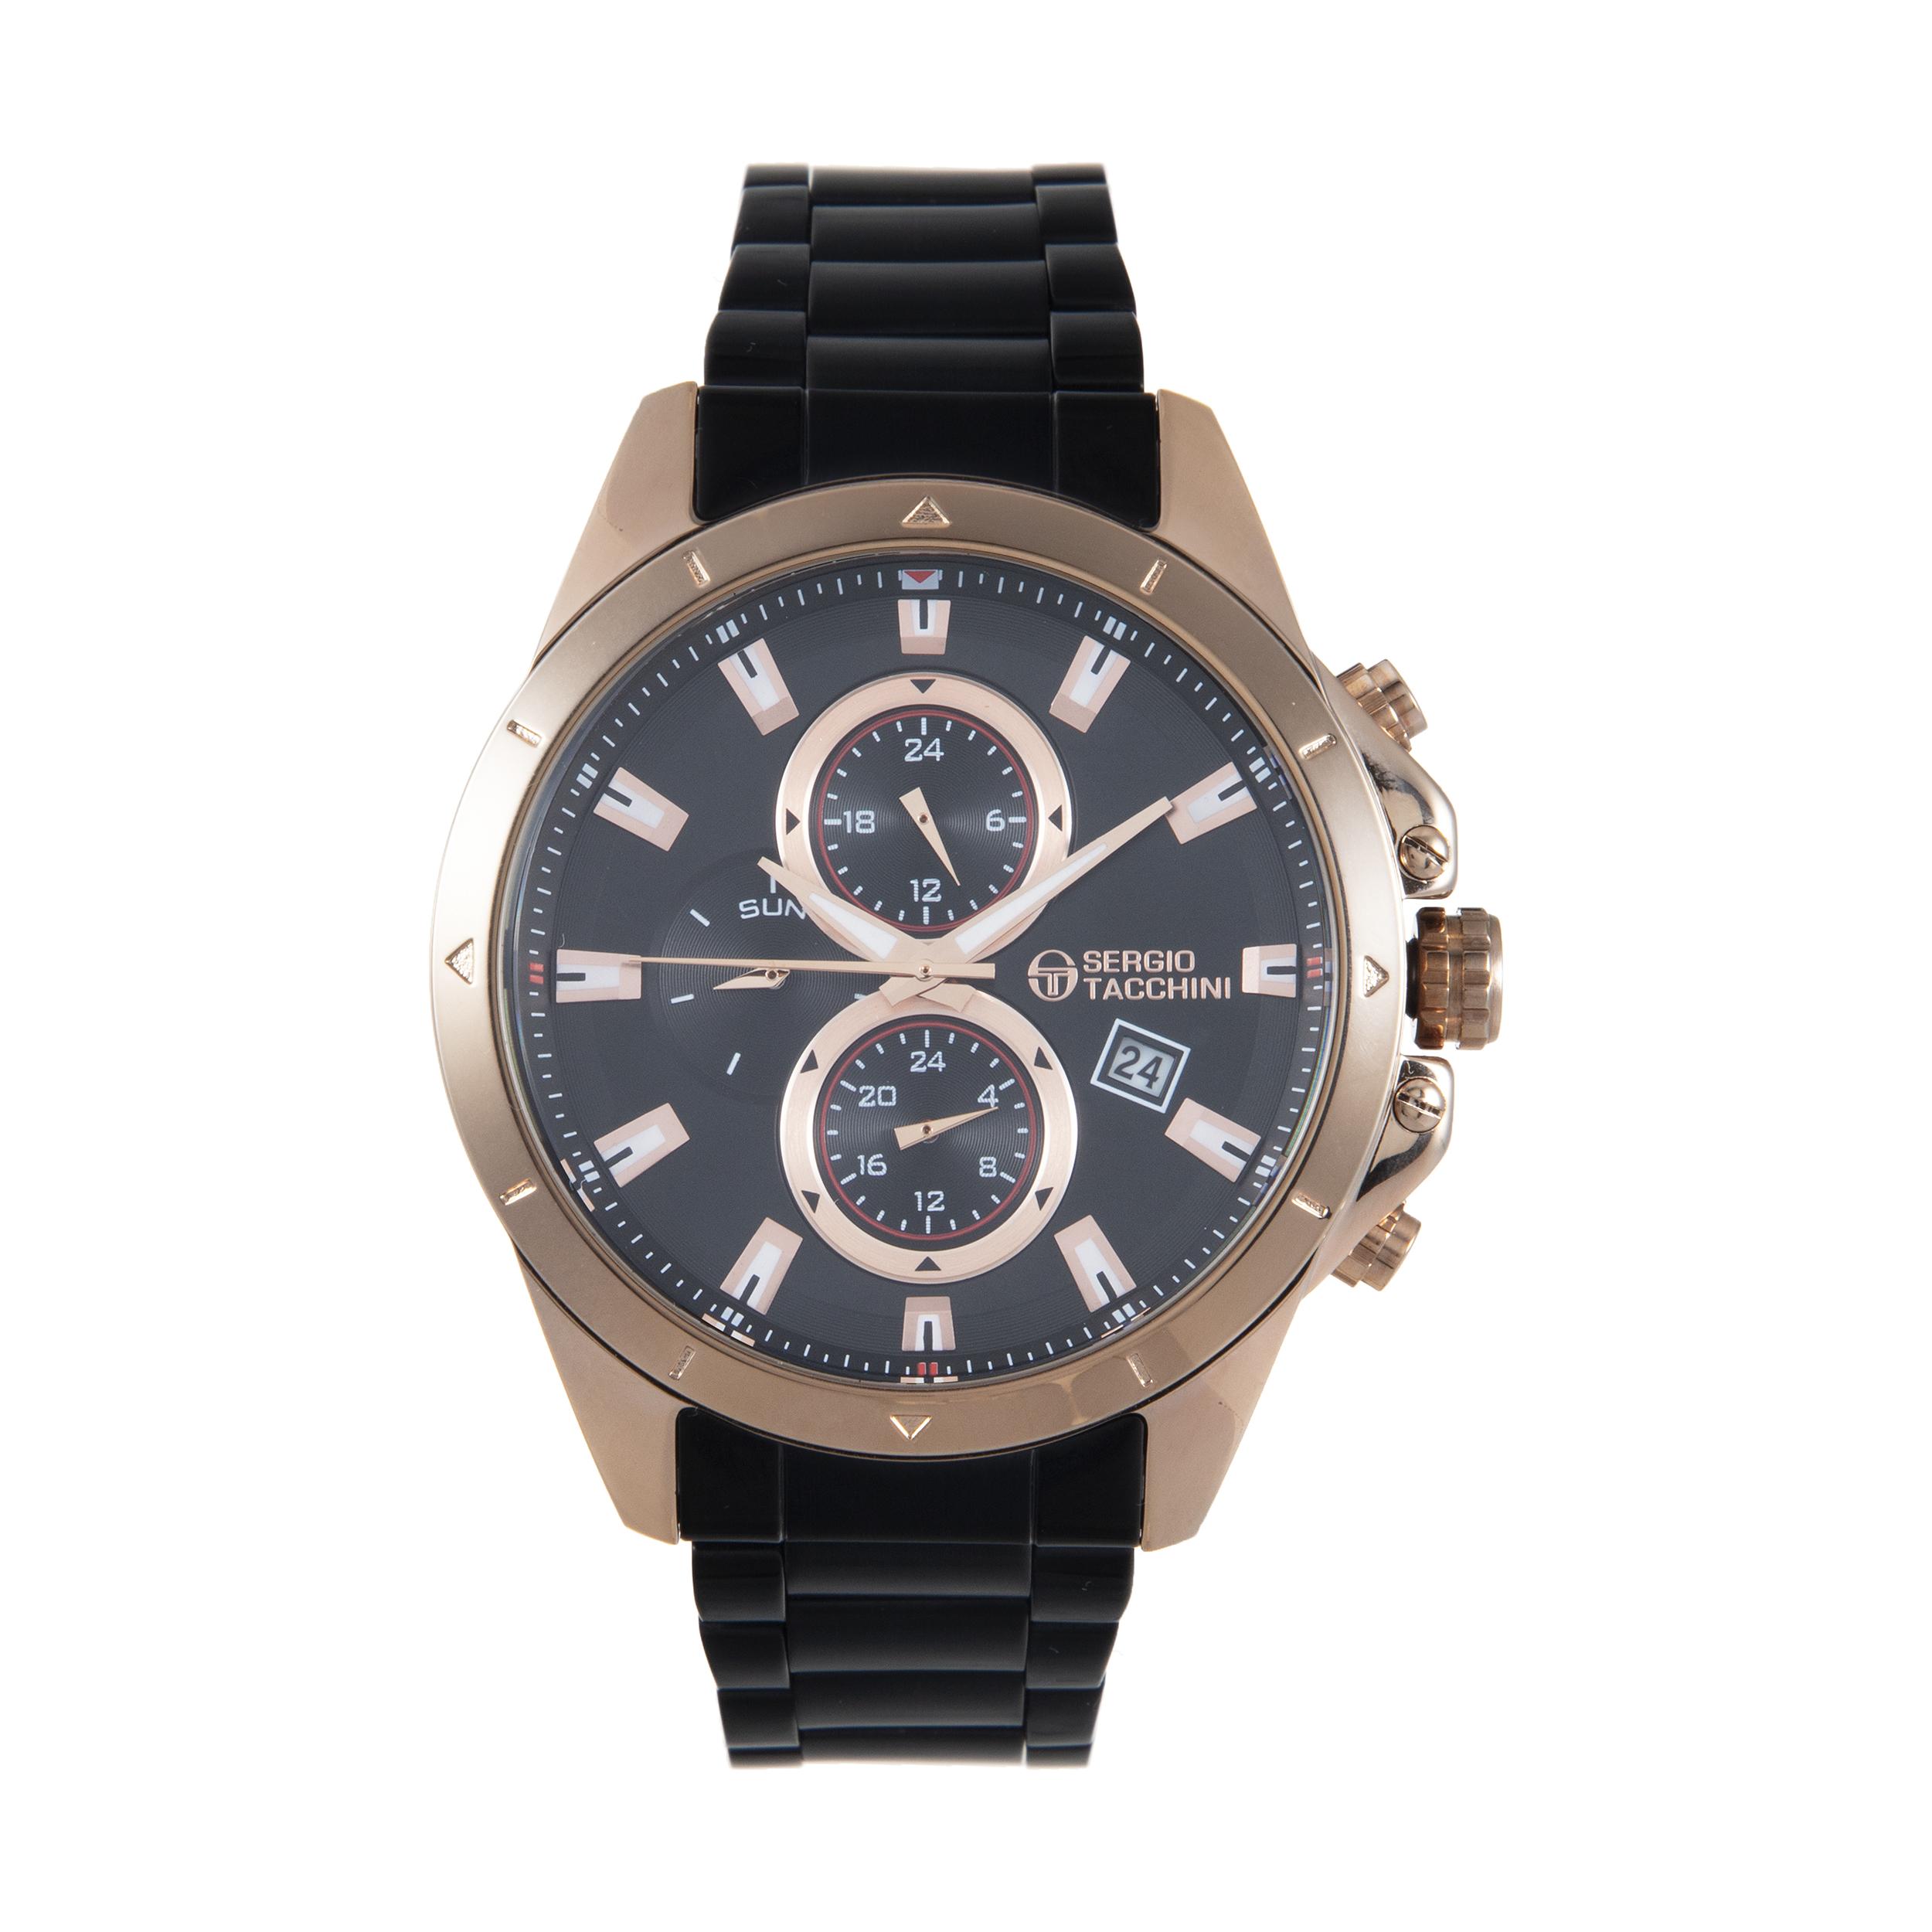 ساعت مچی عقربه ای مردانه سرجیو تاچینی مدل ST.19.105.05